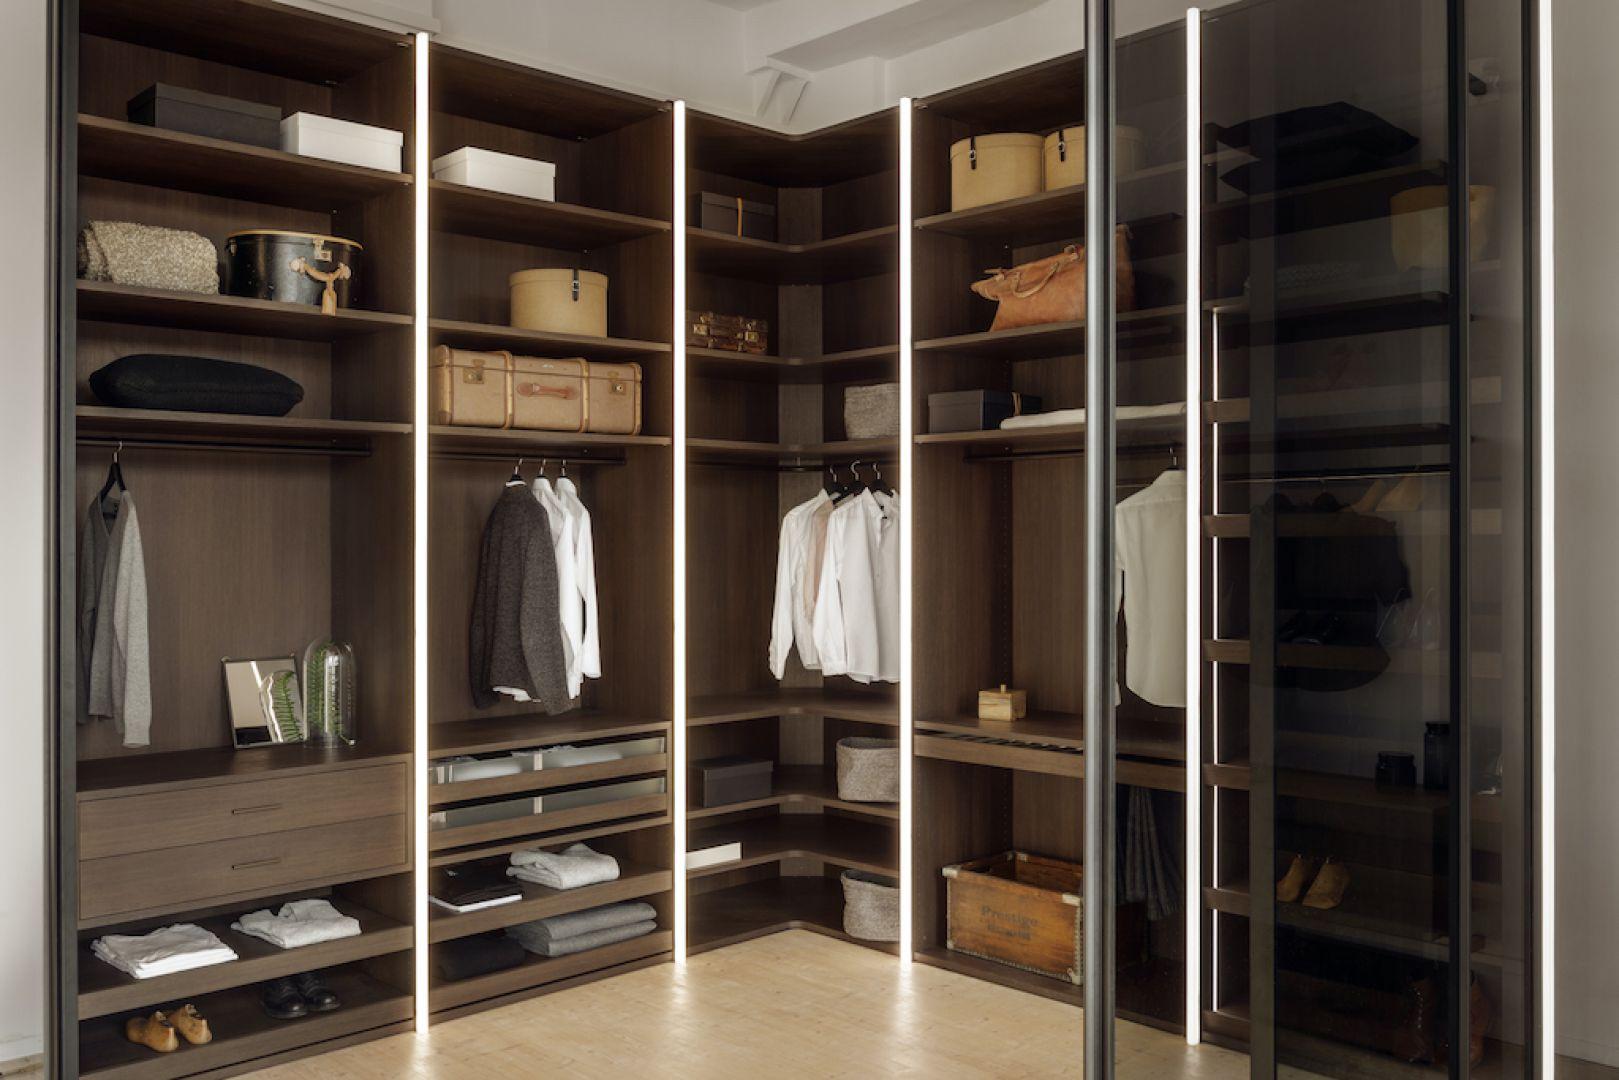 Najlepiej jest przygotować zwymiarowany plan pomieszczenia. Fot. Raumplus